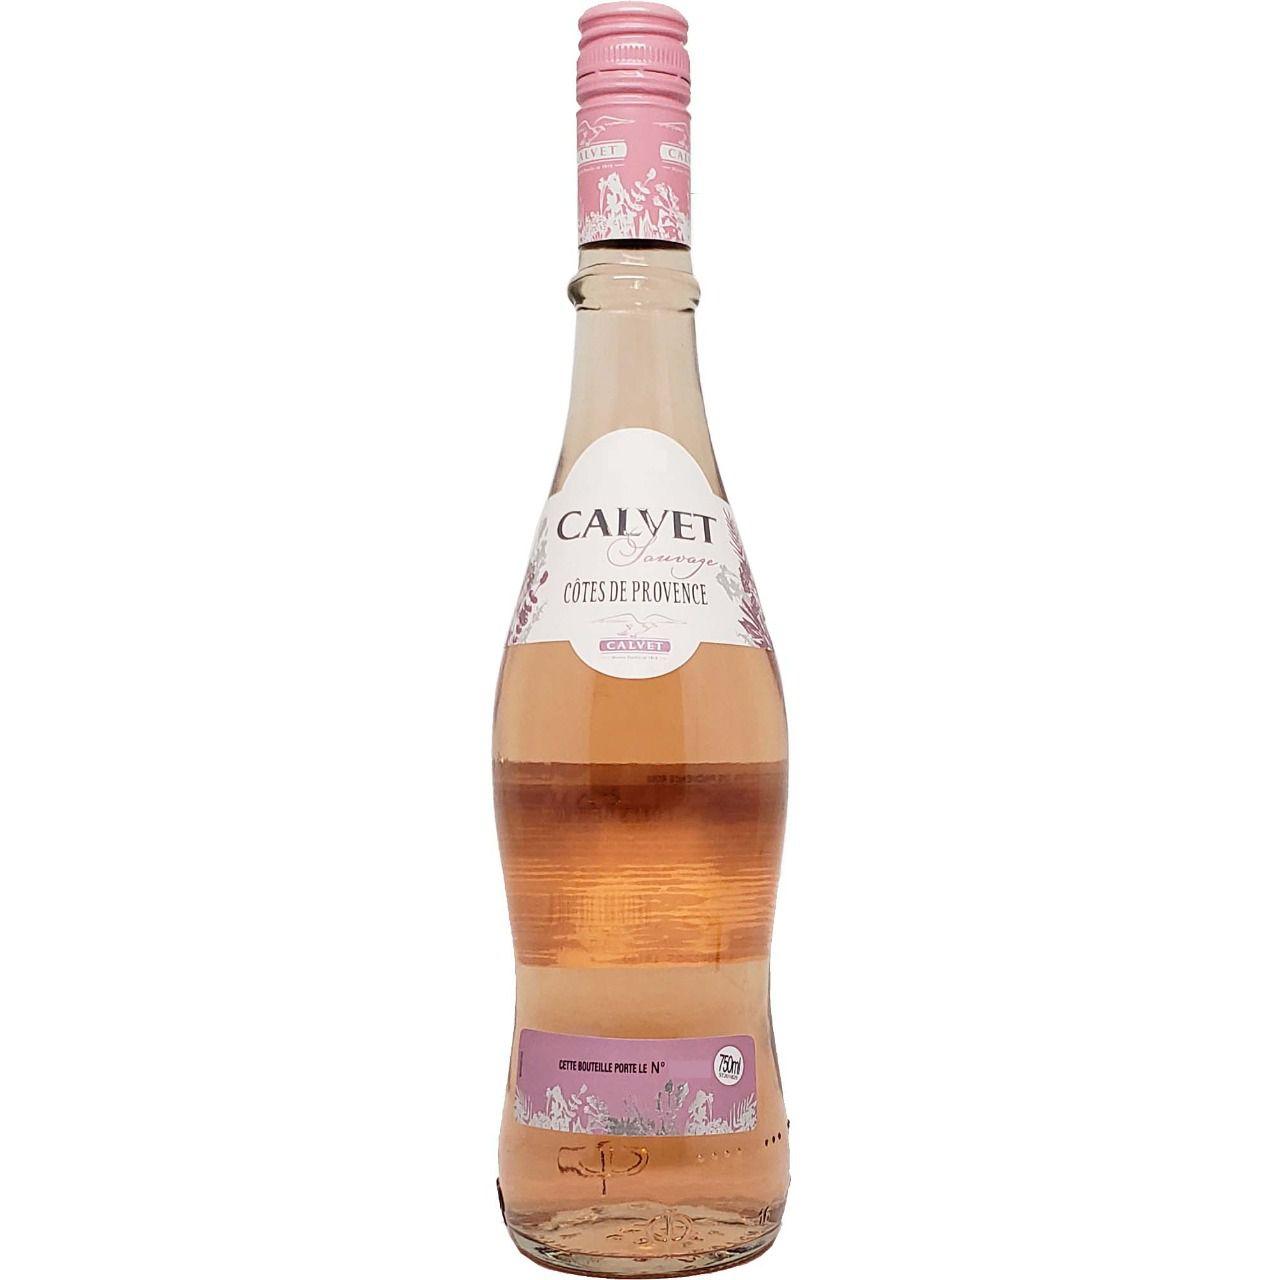 Vinho Rosé Calvet Côtes de Provance - 750ml -